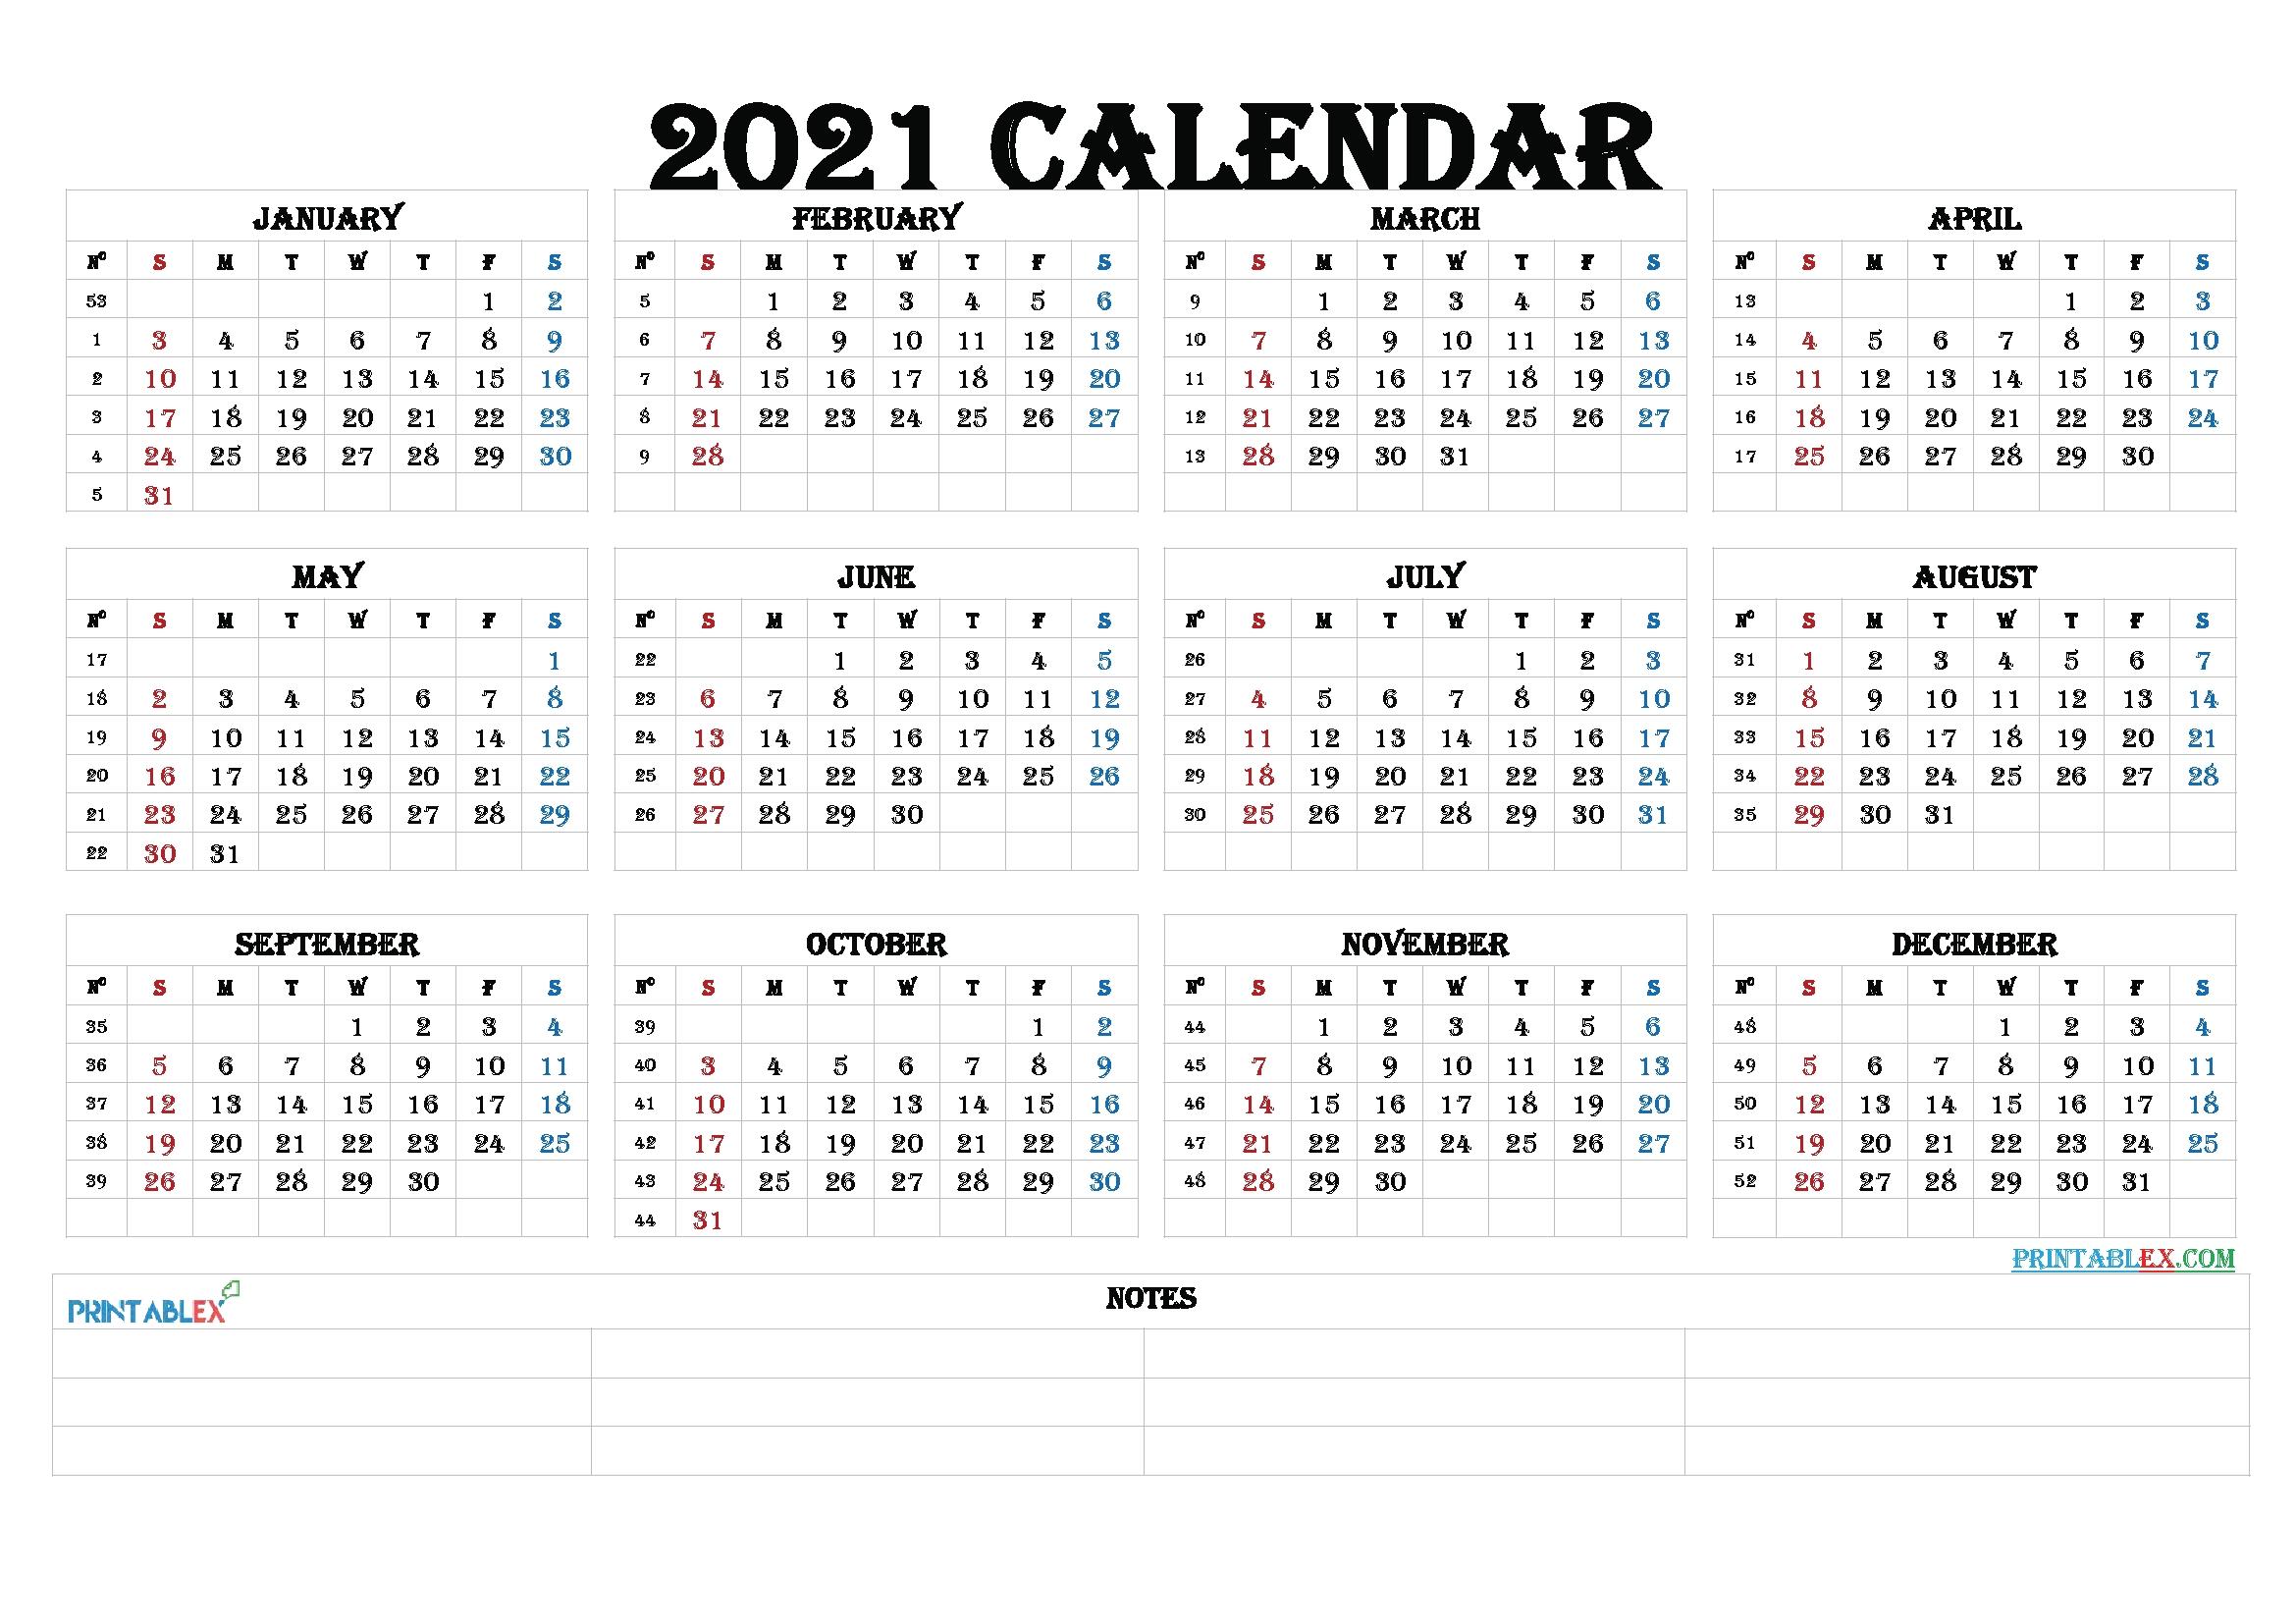 2021 Calendar With Week Number Printable Free : Printable